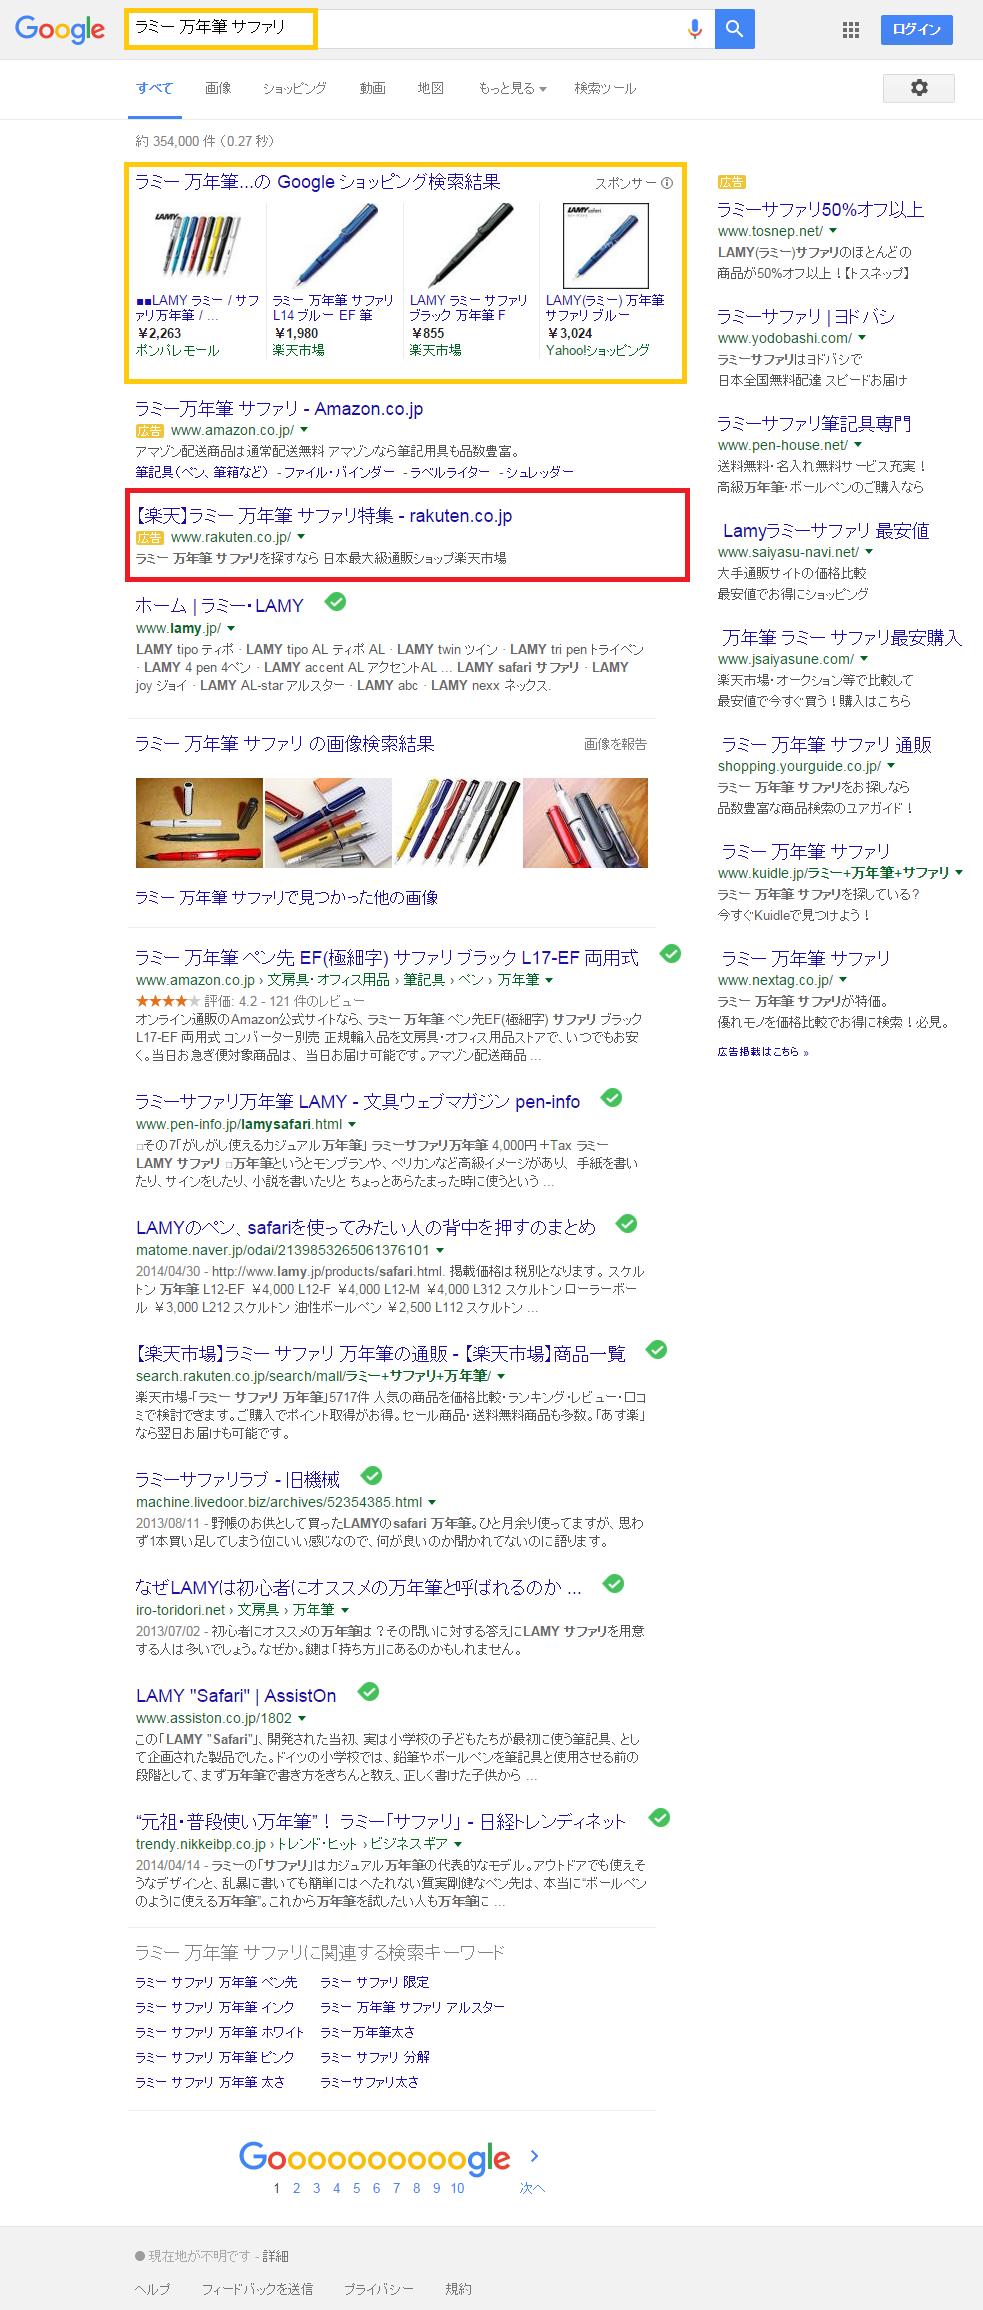 ラミー 万年筆 サファリ   Google 検索.png